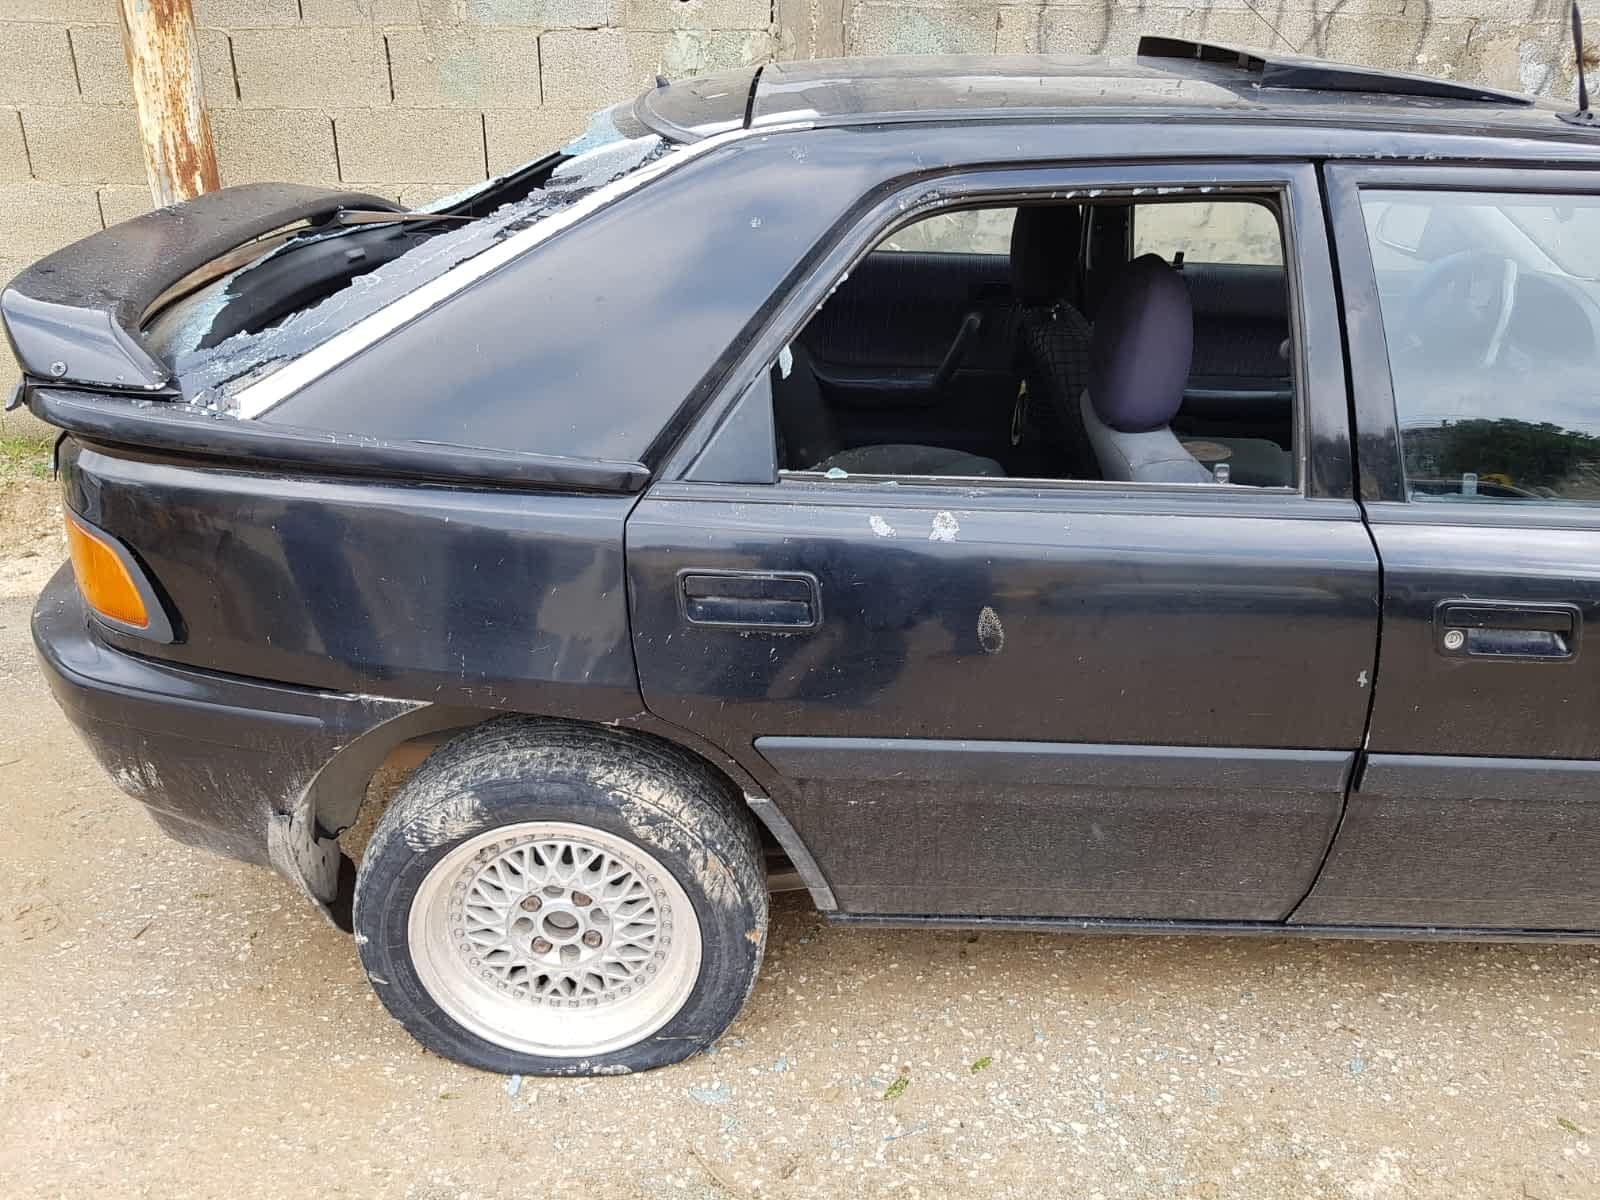 Razbityj avtomobil v derevne Havara